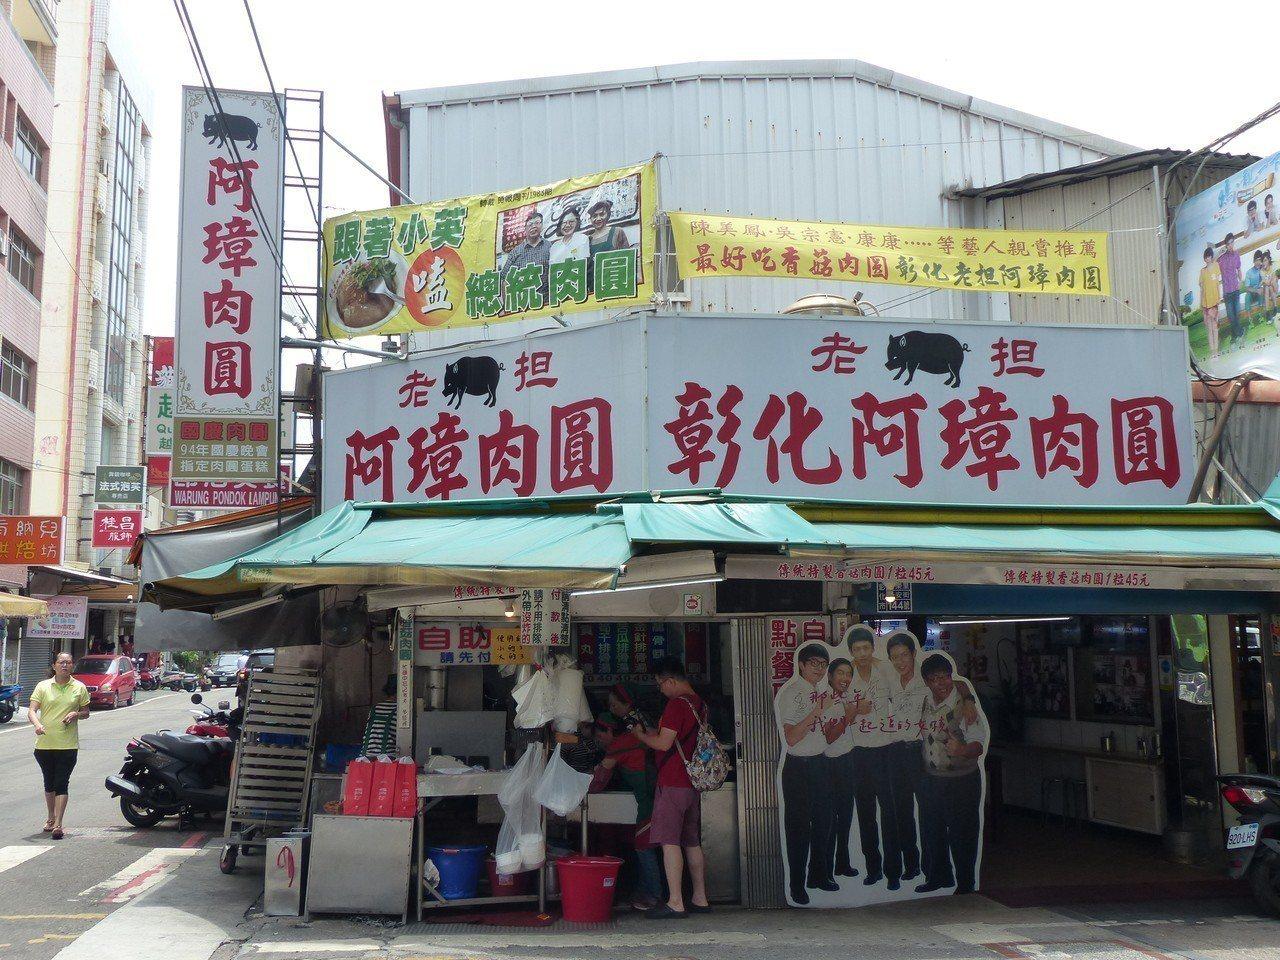 彰化肉圓人氣店阿璋肉圓從今天起,每顆從40元漲到45元。記者劉明岩/攝影